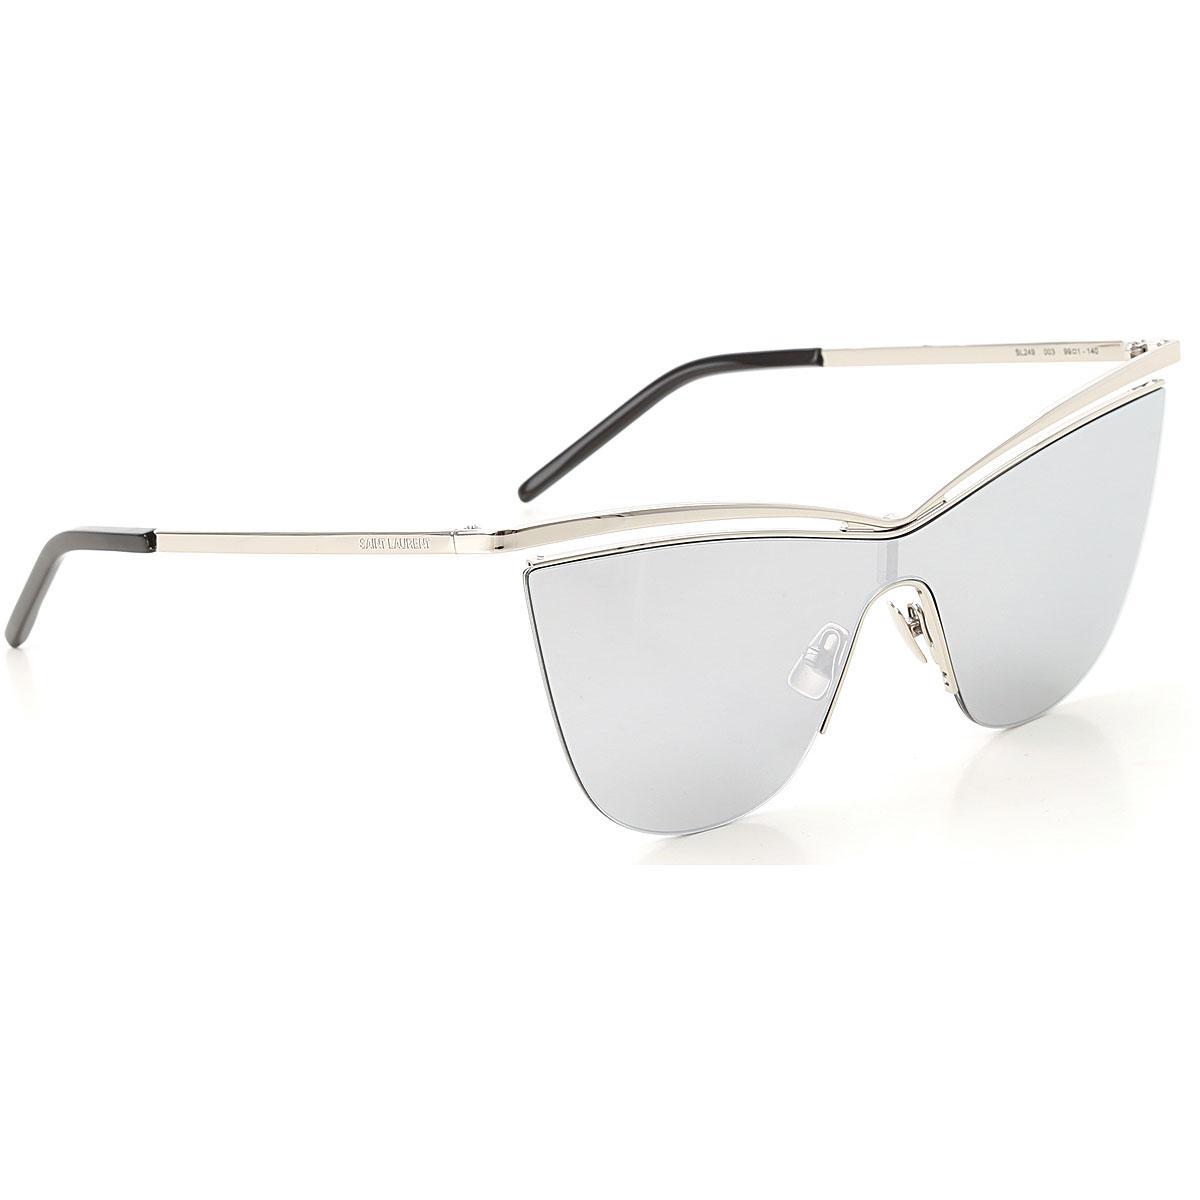 7b59783dd6 Saint Laurent - Metallic Gafas y Lentes de Sol Baratos en Rebajas - Lyst.  Ver en pantalla completa